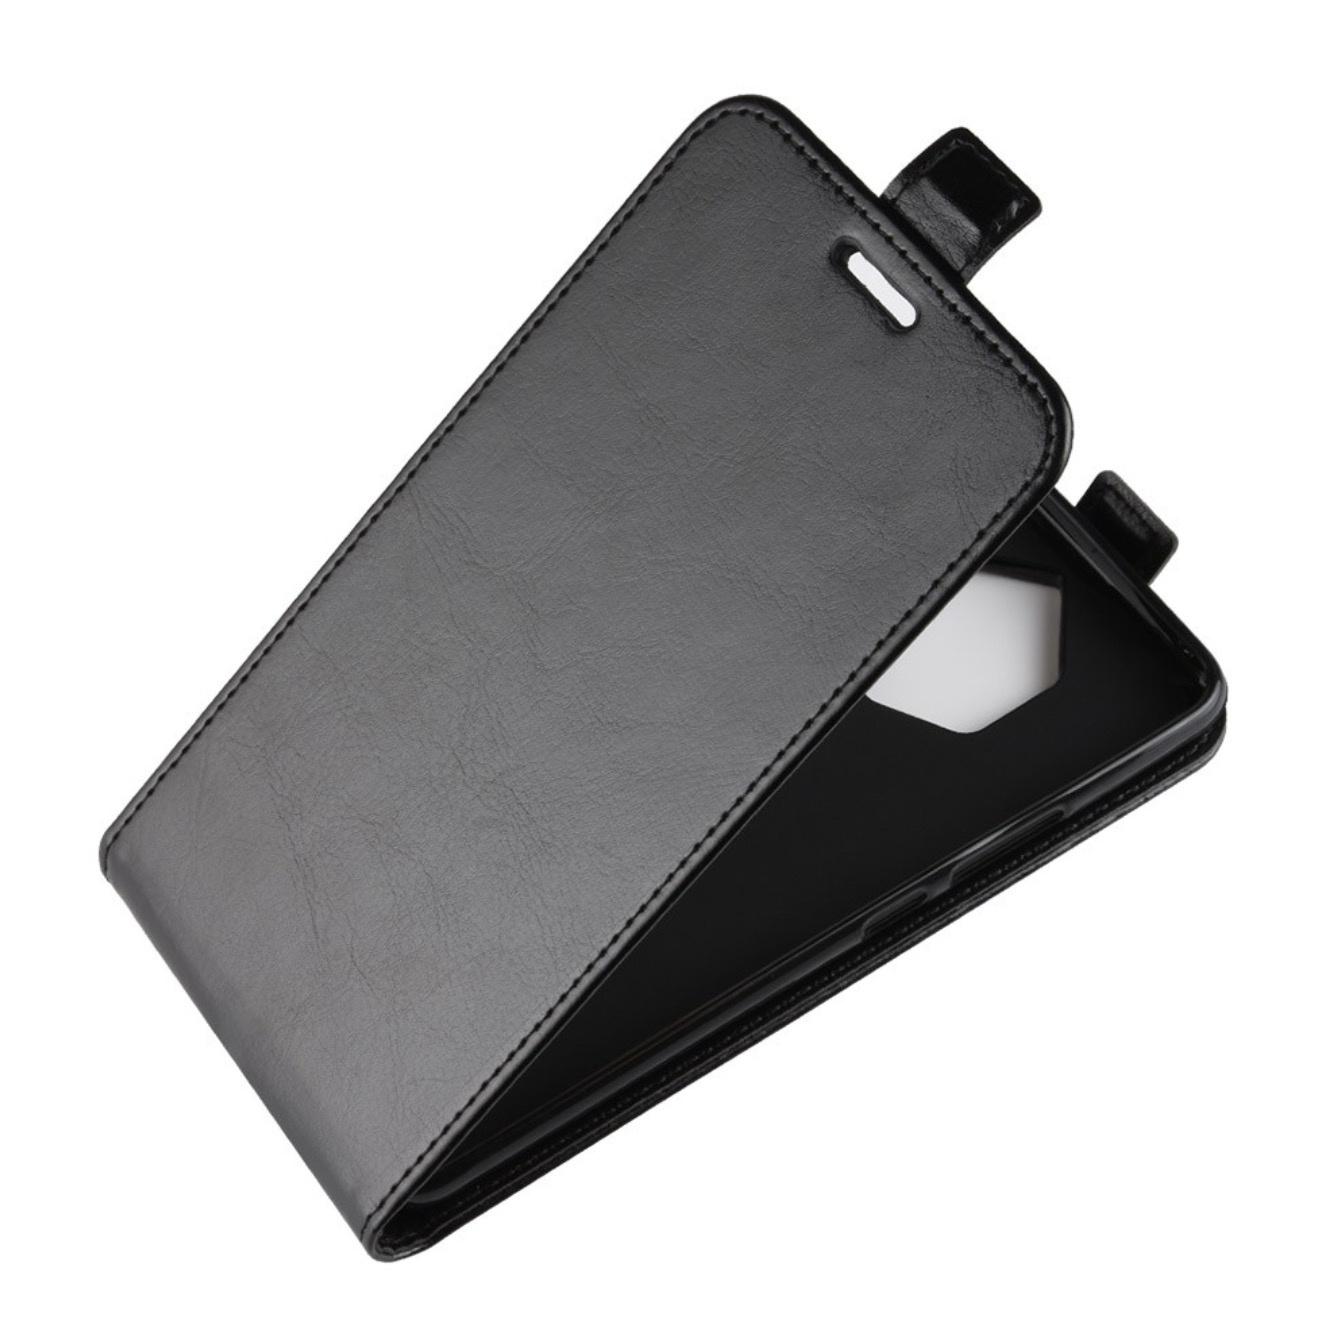 Чехол-флип MyPads для Nokia XL Dual sim вертикальный откидной черный